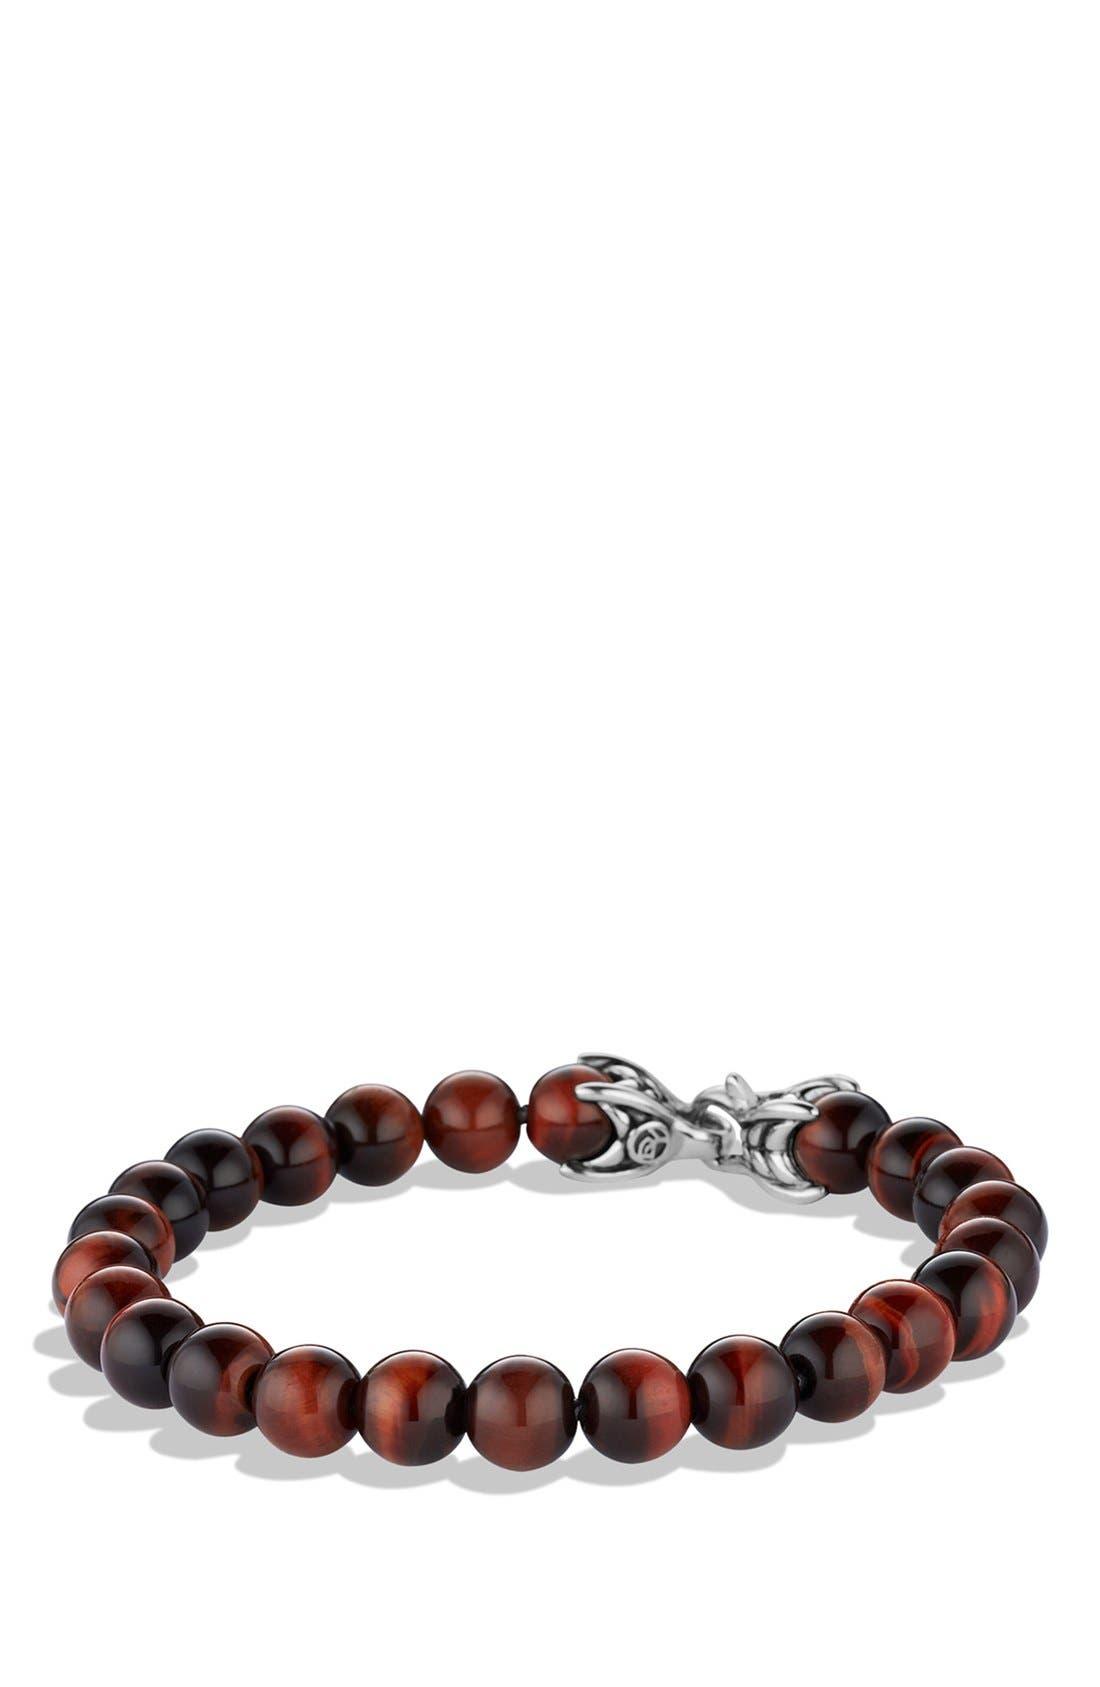 Alternate Image 1 Selected - David Yurman 'Spiritual Beads' Bracelet with Tiger's Eye